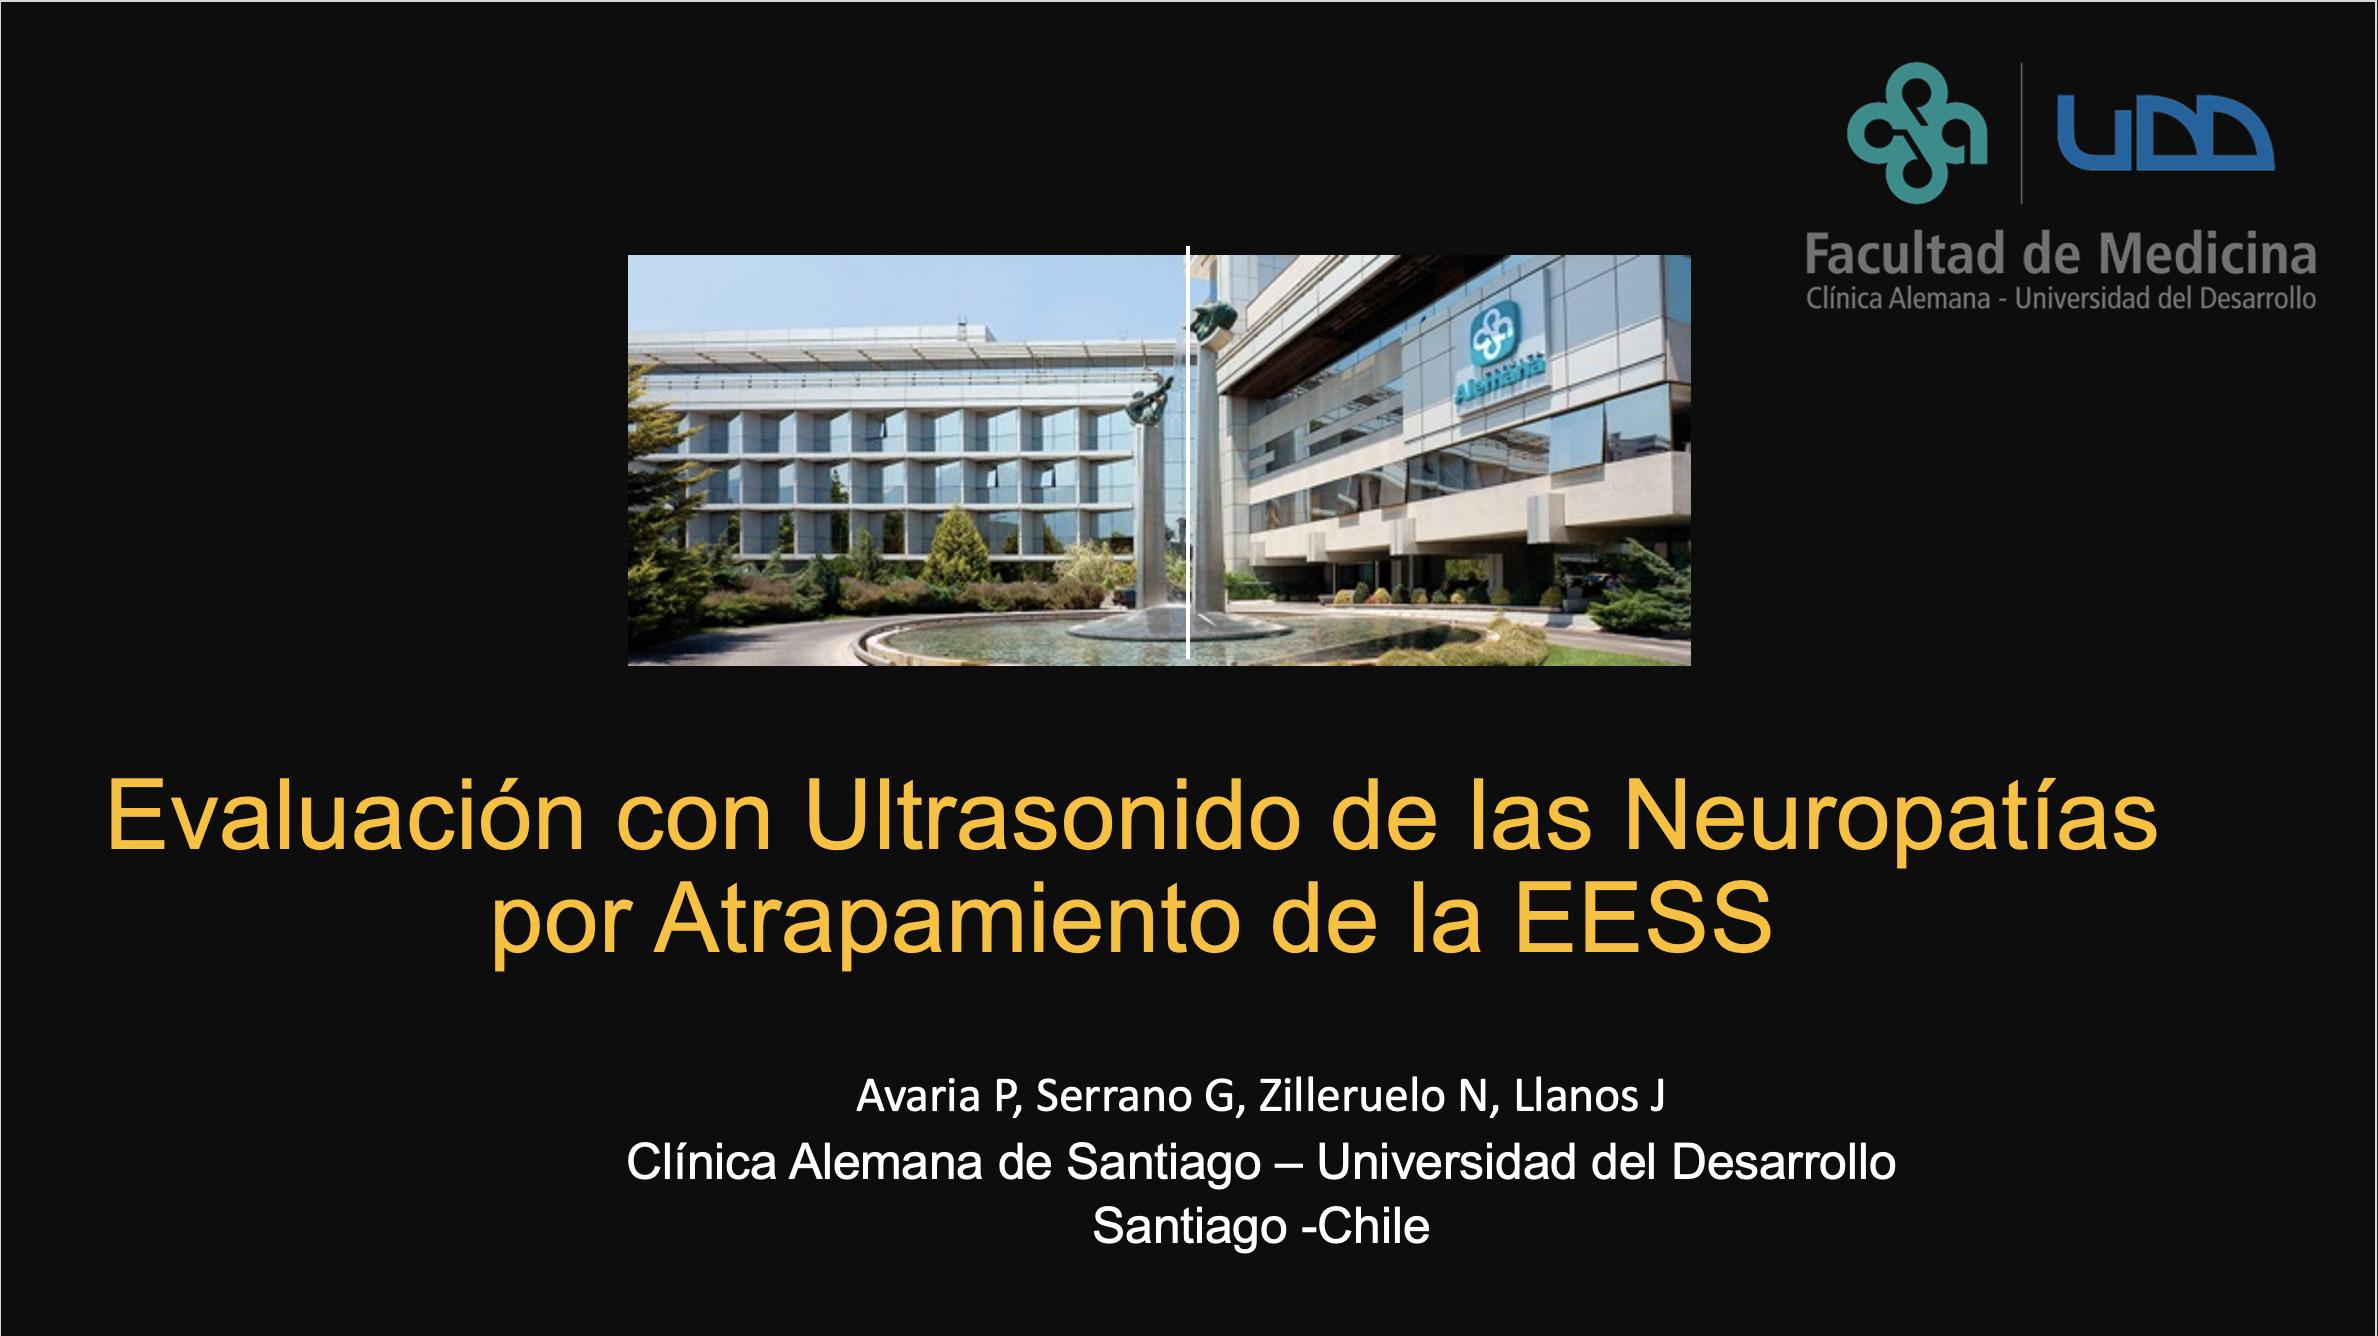 Evaluación con Ultrasonido de las Neuropatías por Atrapamiento de la EESS